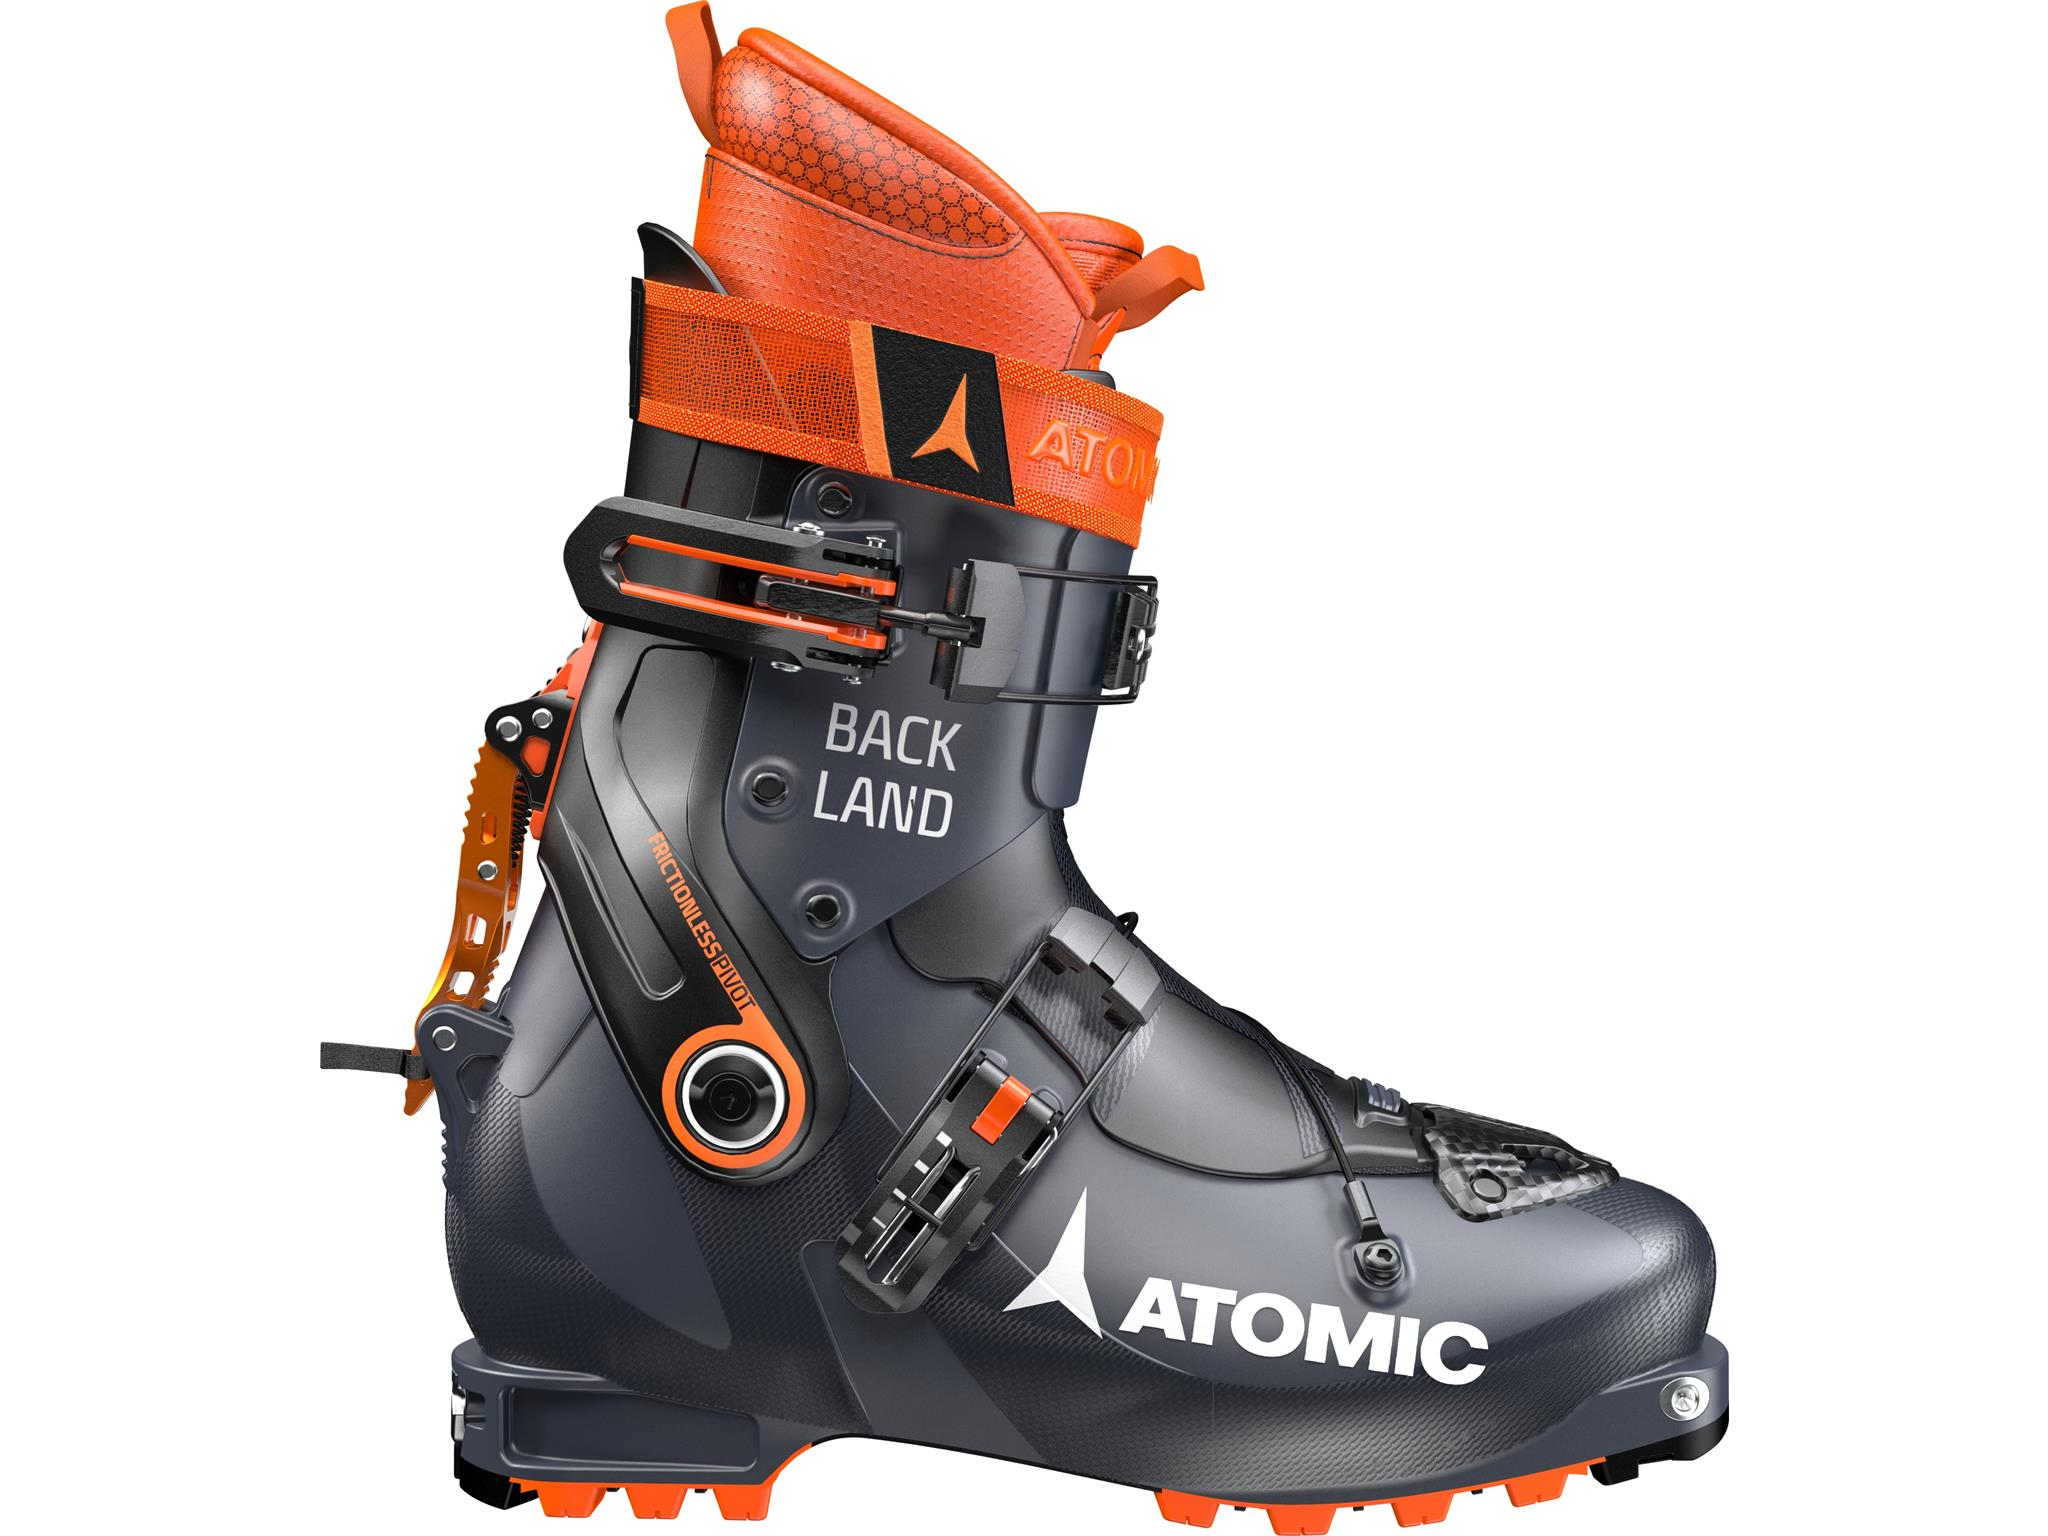 69b8f5046 Buty narciarskie Atomic BACKLAND - Sklep internetowy Skifanatic.pl